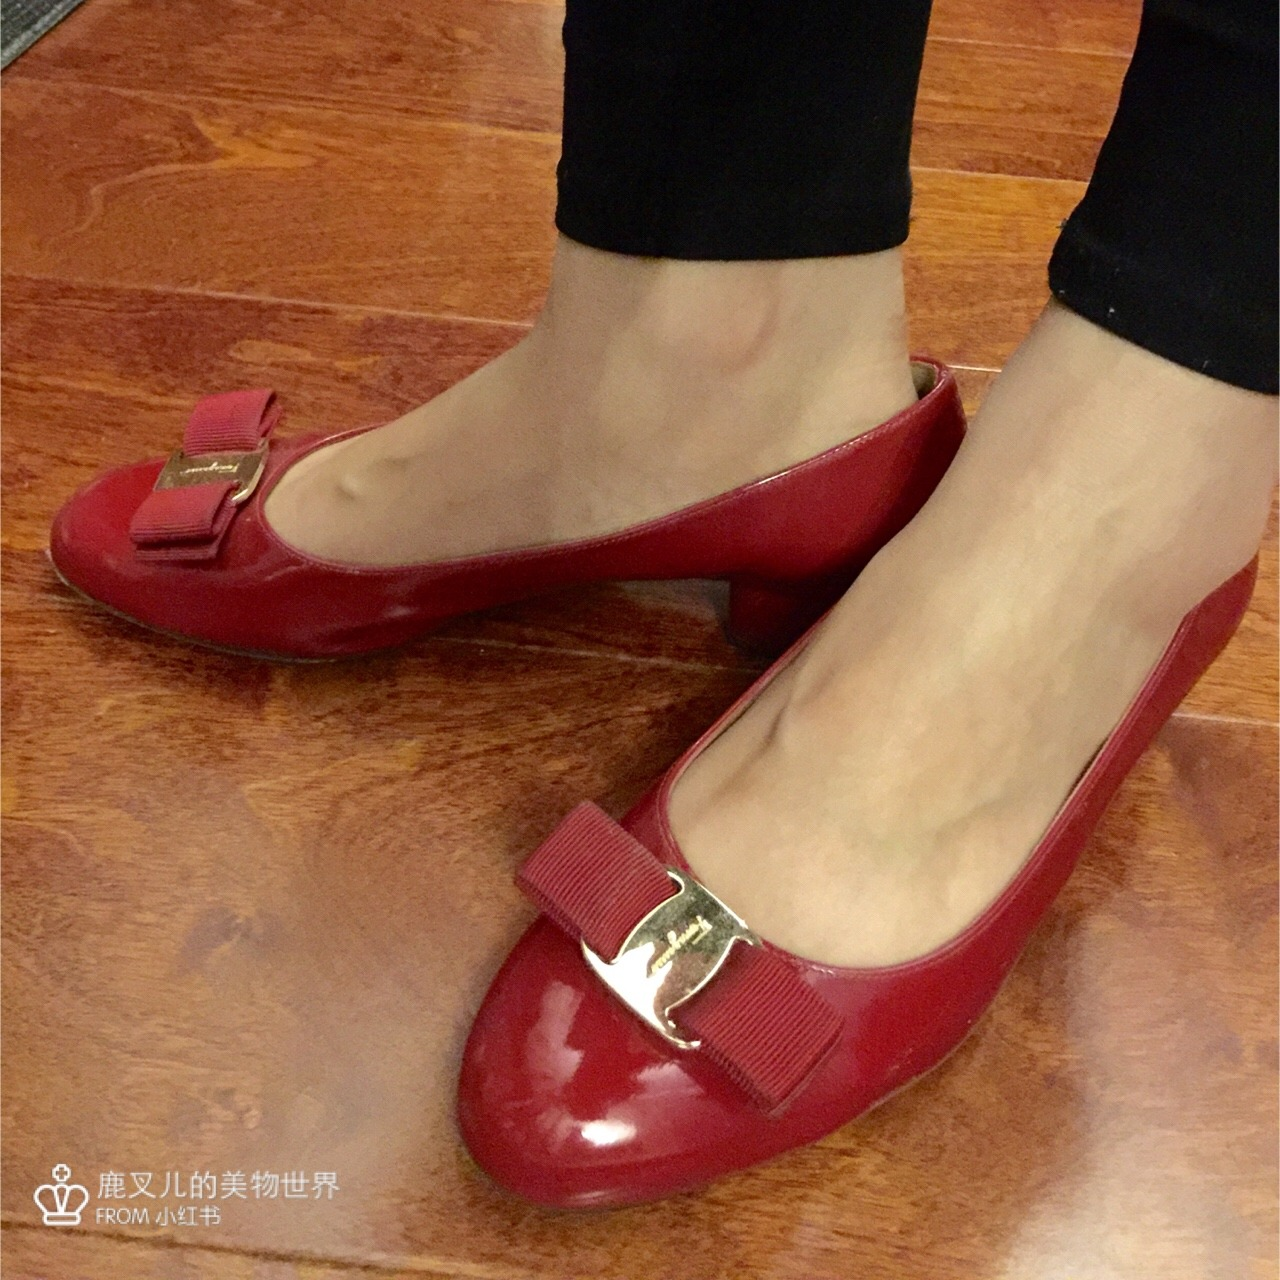 【私物】拥有一双红色蝴蝶结高跟鞋是每个小公主的梦想吧